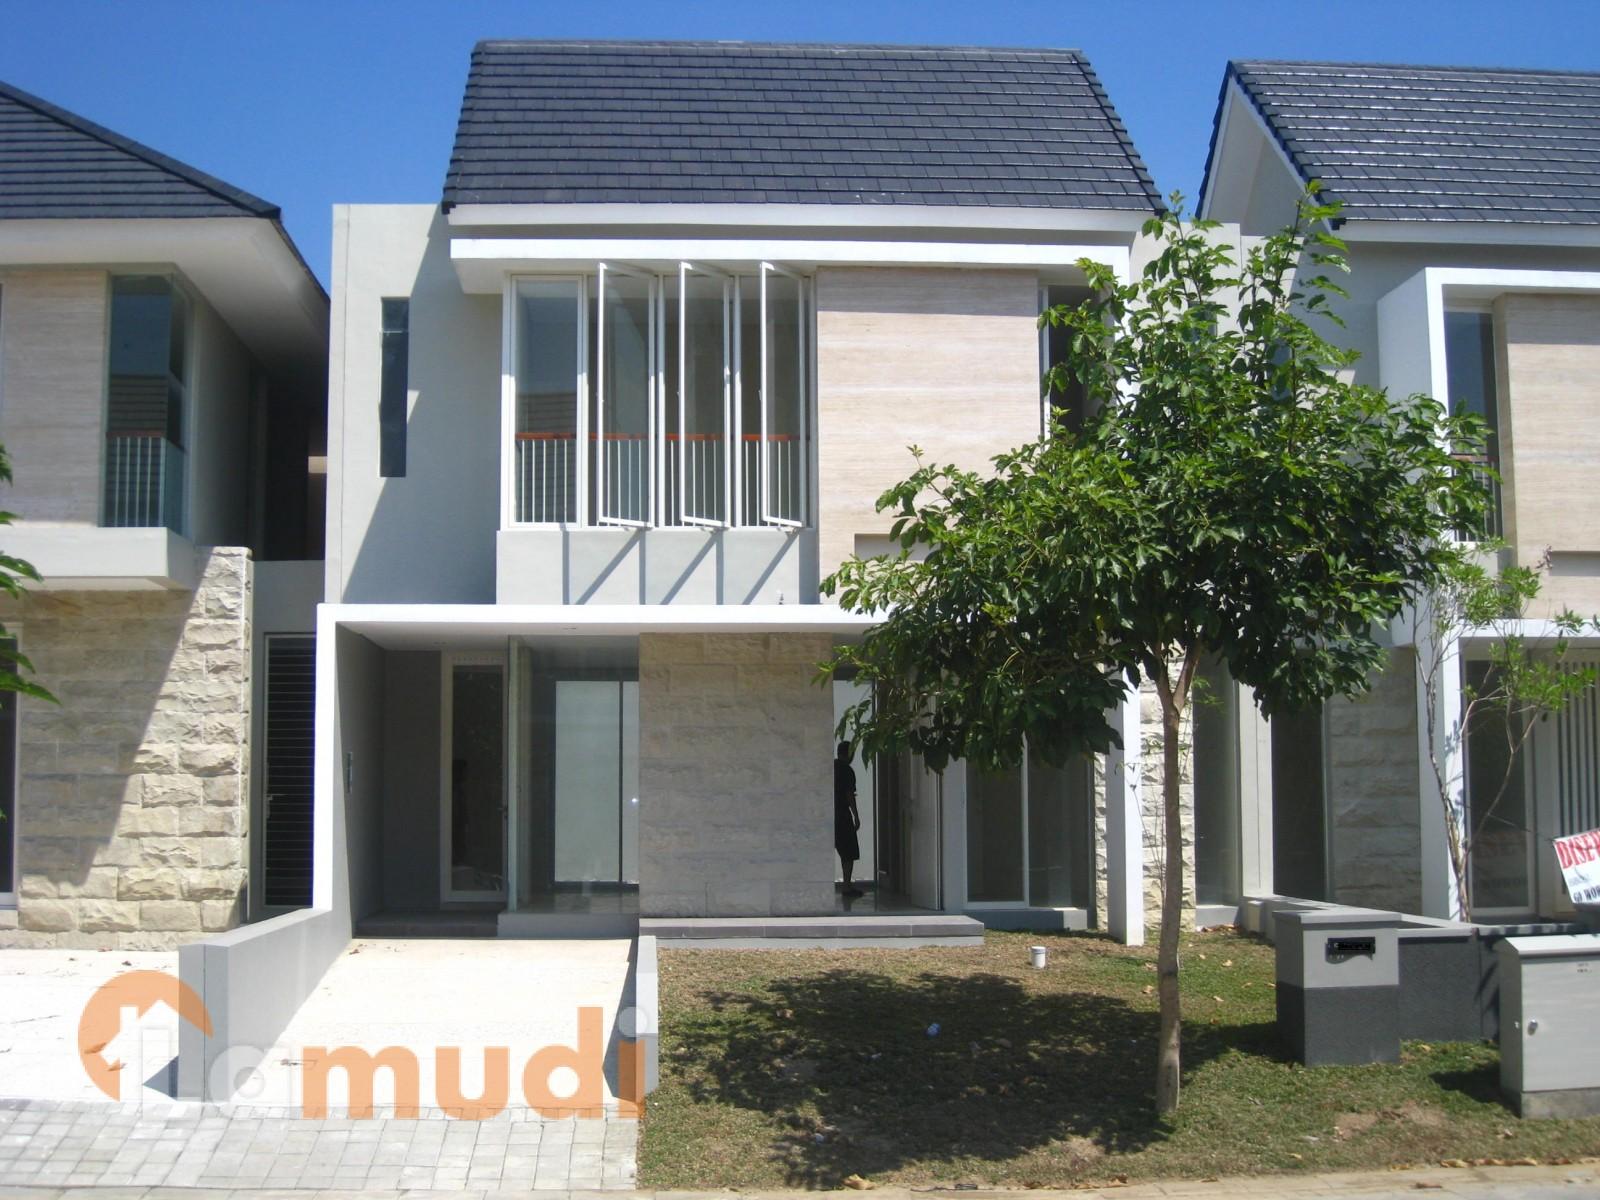 Desain Rumah Minimalis Lamudi